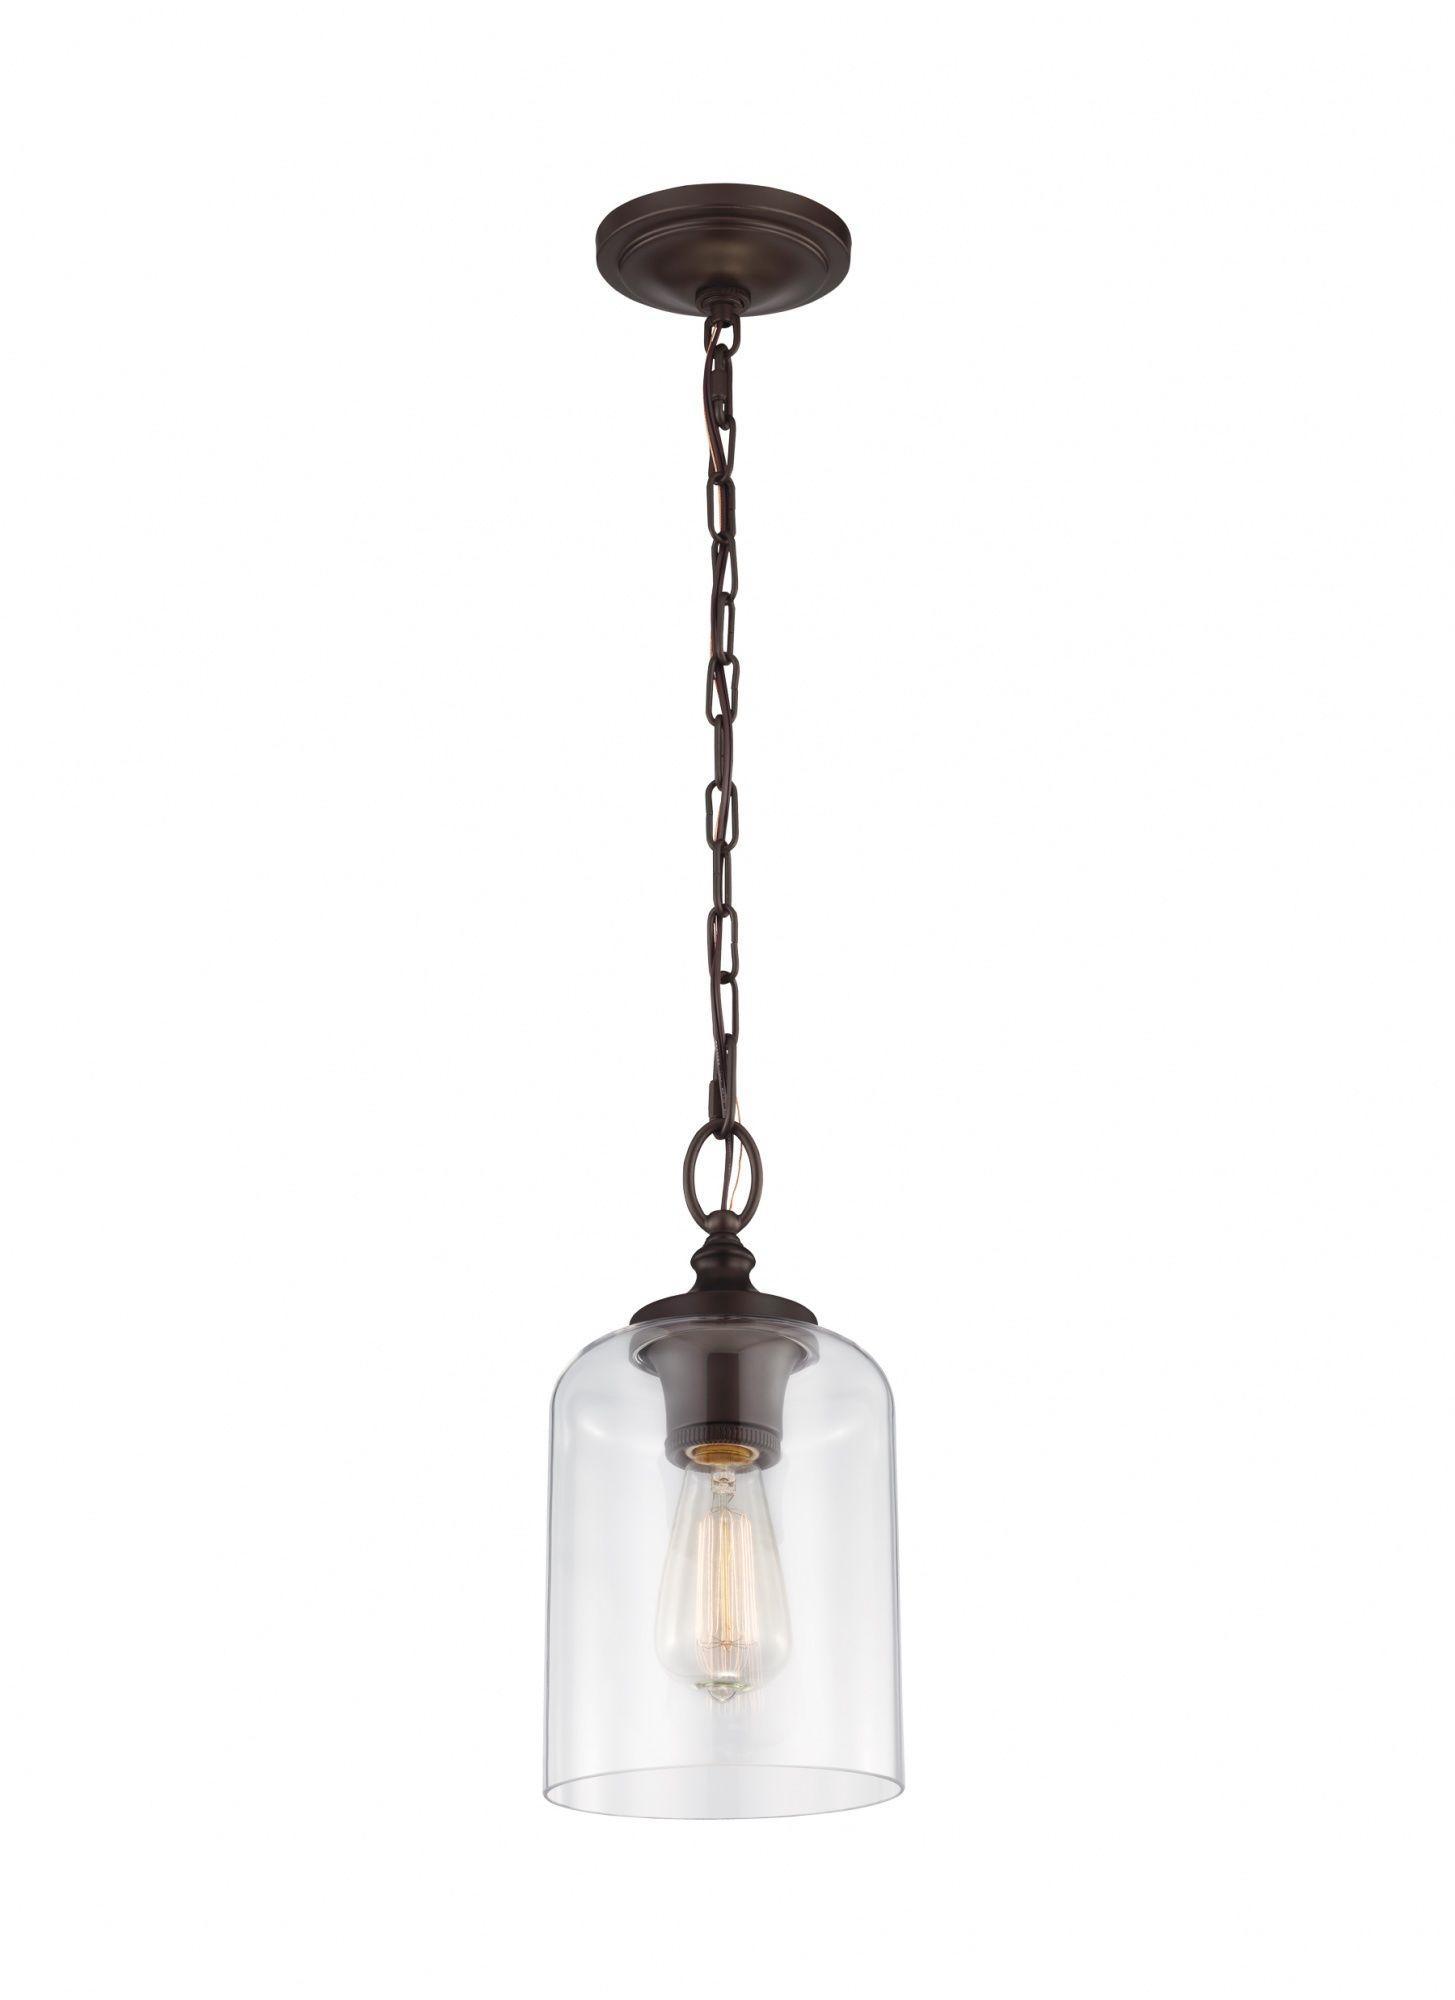 Lampa wisząca Hounslow FE/HOUNSLOW/PORB Feiss klasyczna oprawa w kolorze brązu